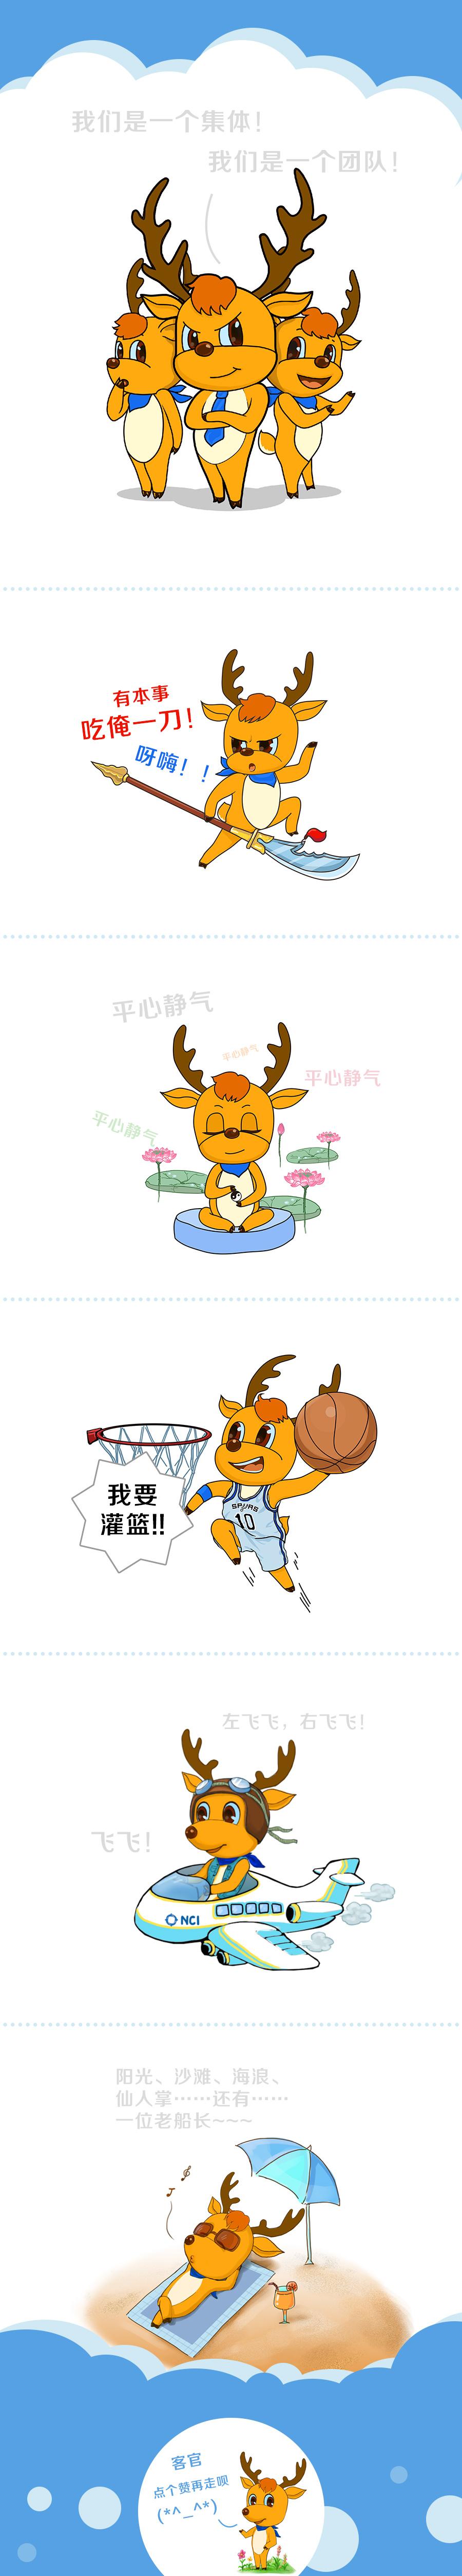 吉祥物-鹿|吉祥物|平面|kisstttt21